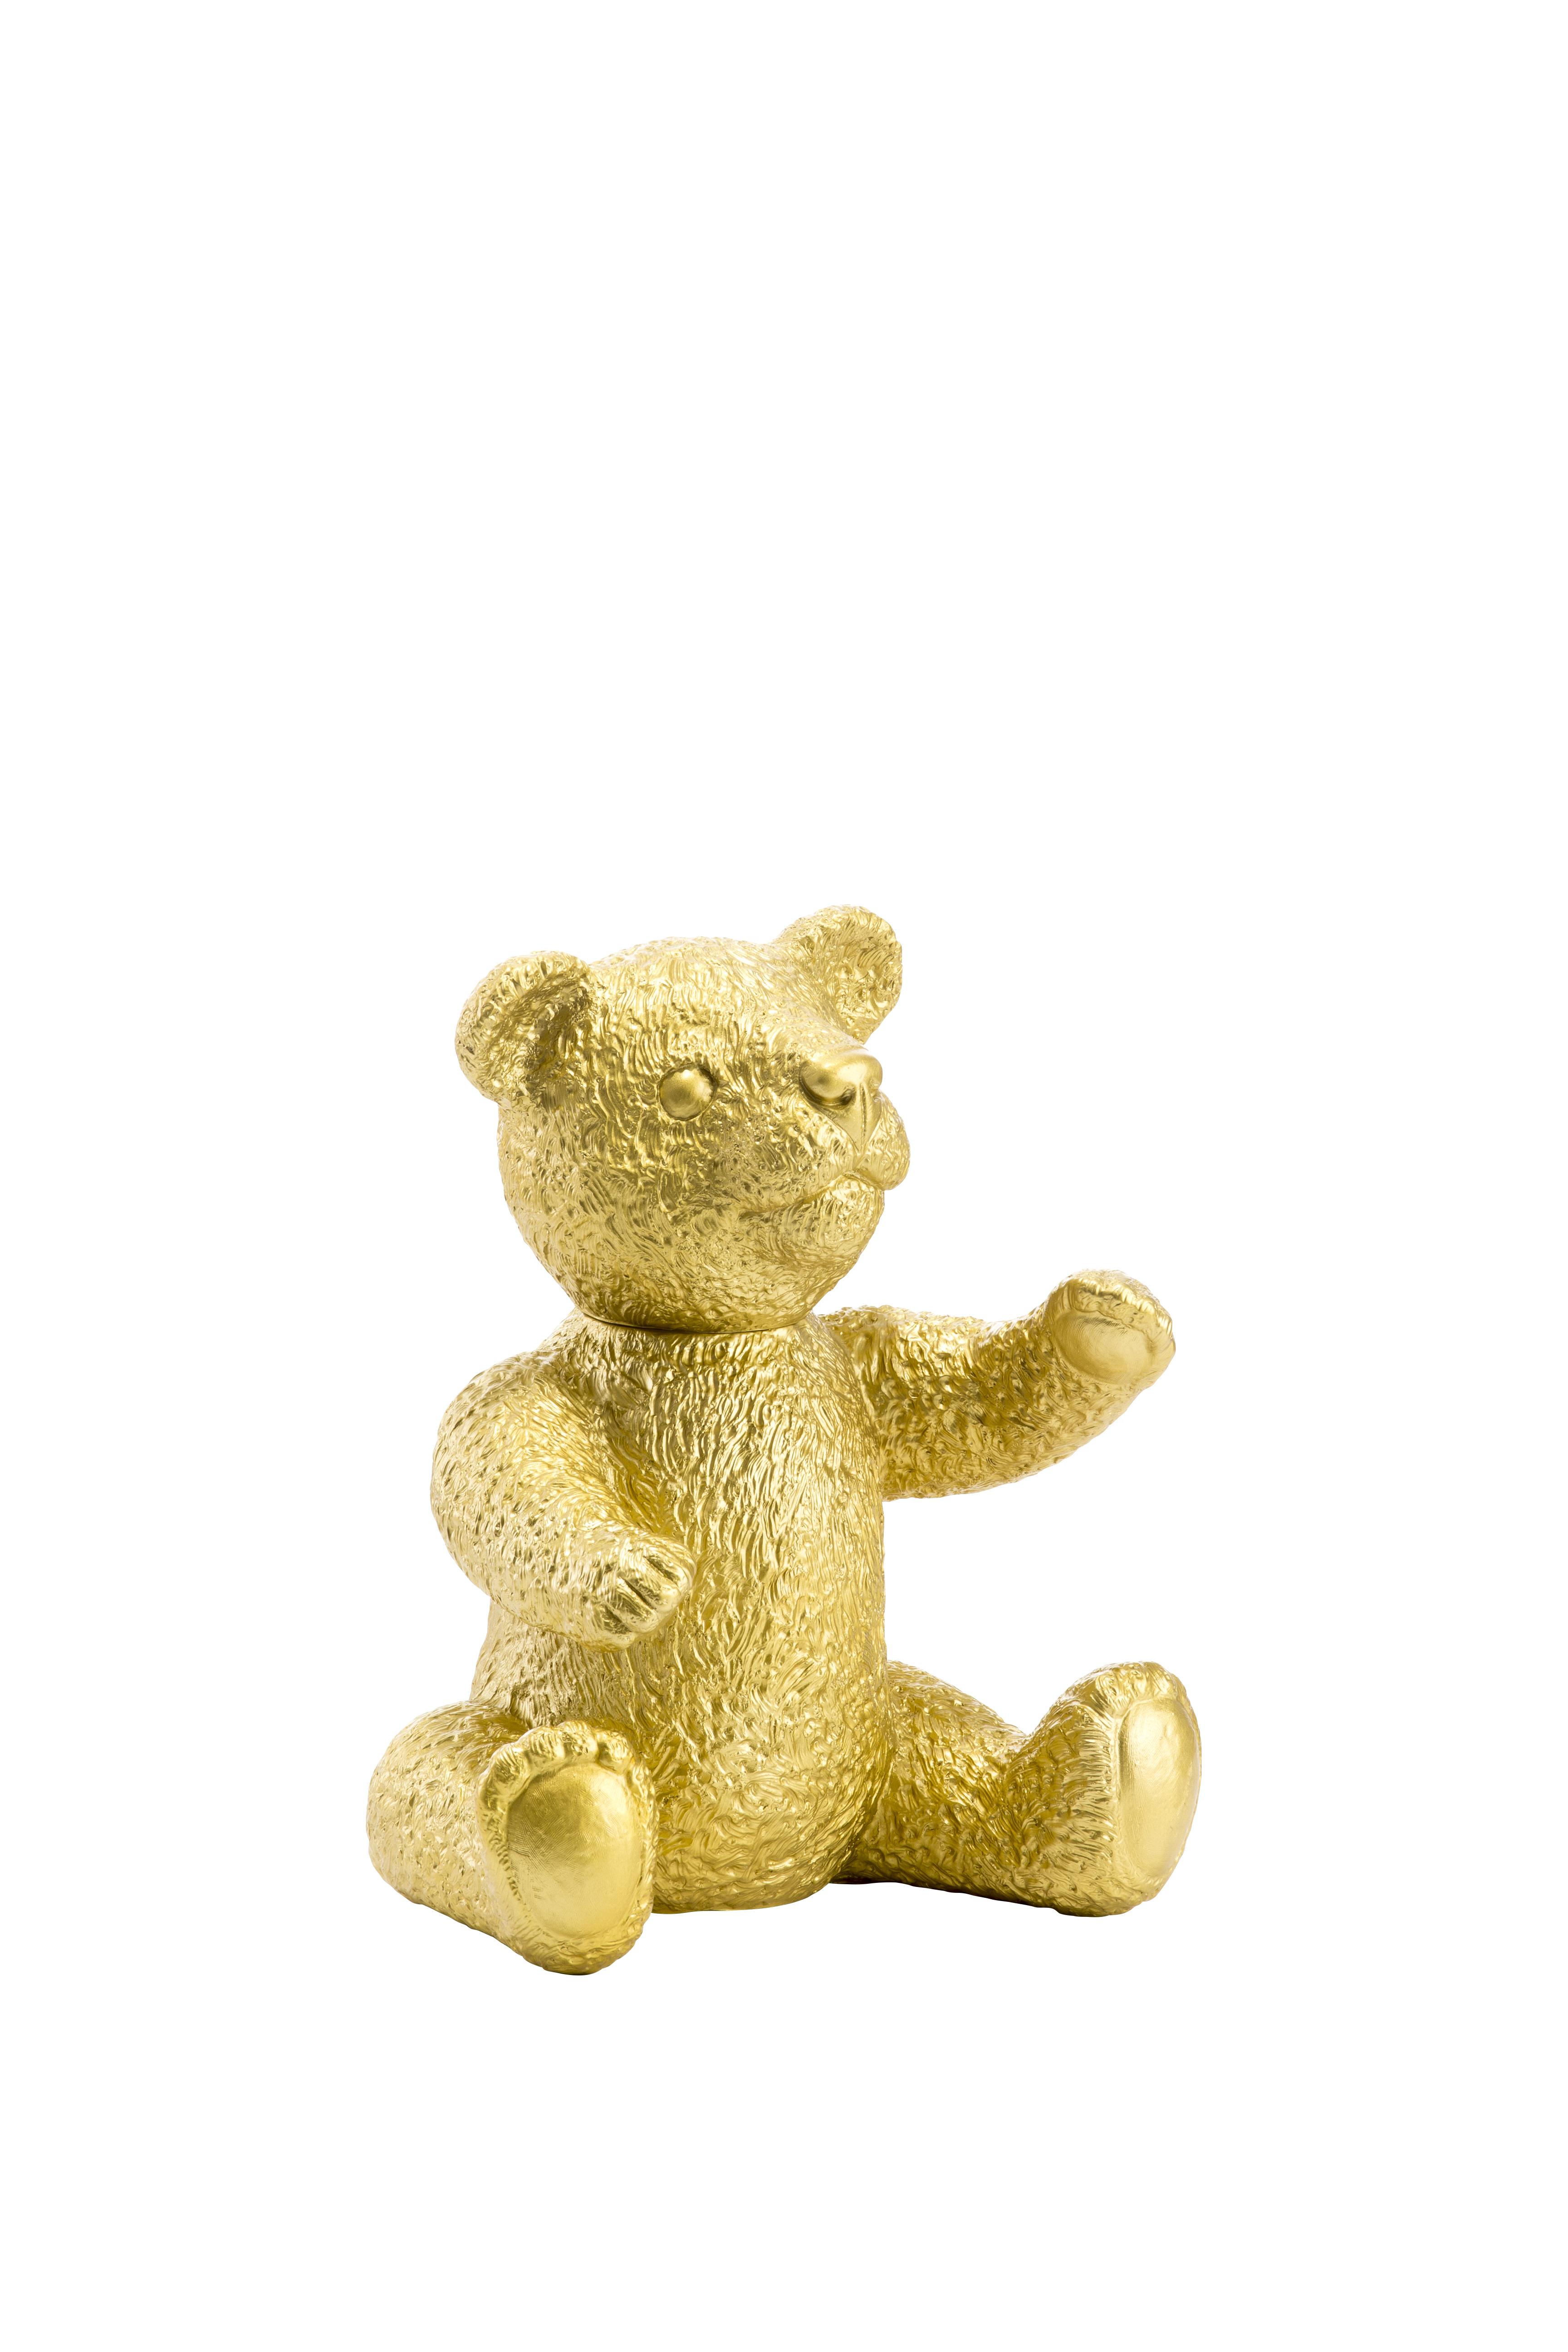 Teddy, gold